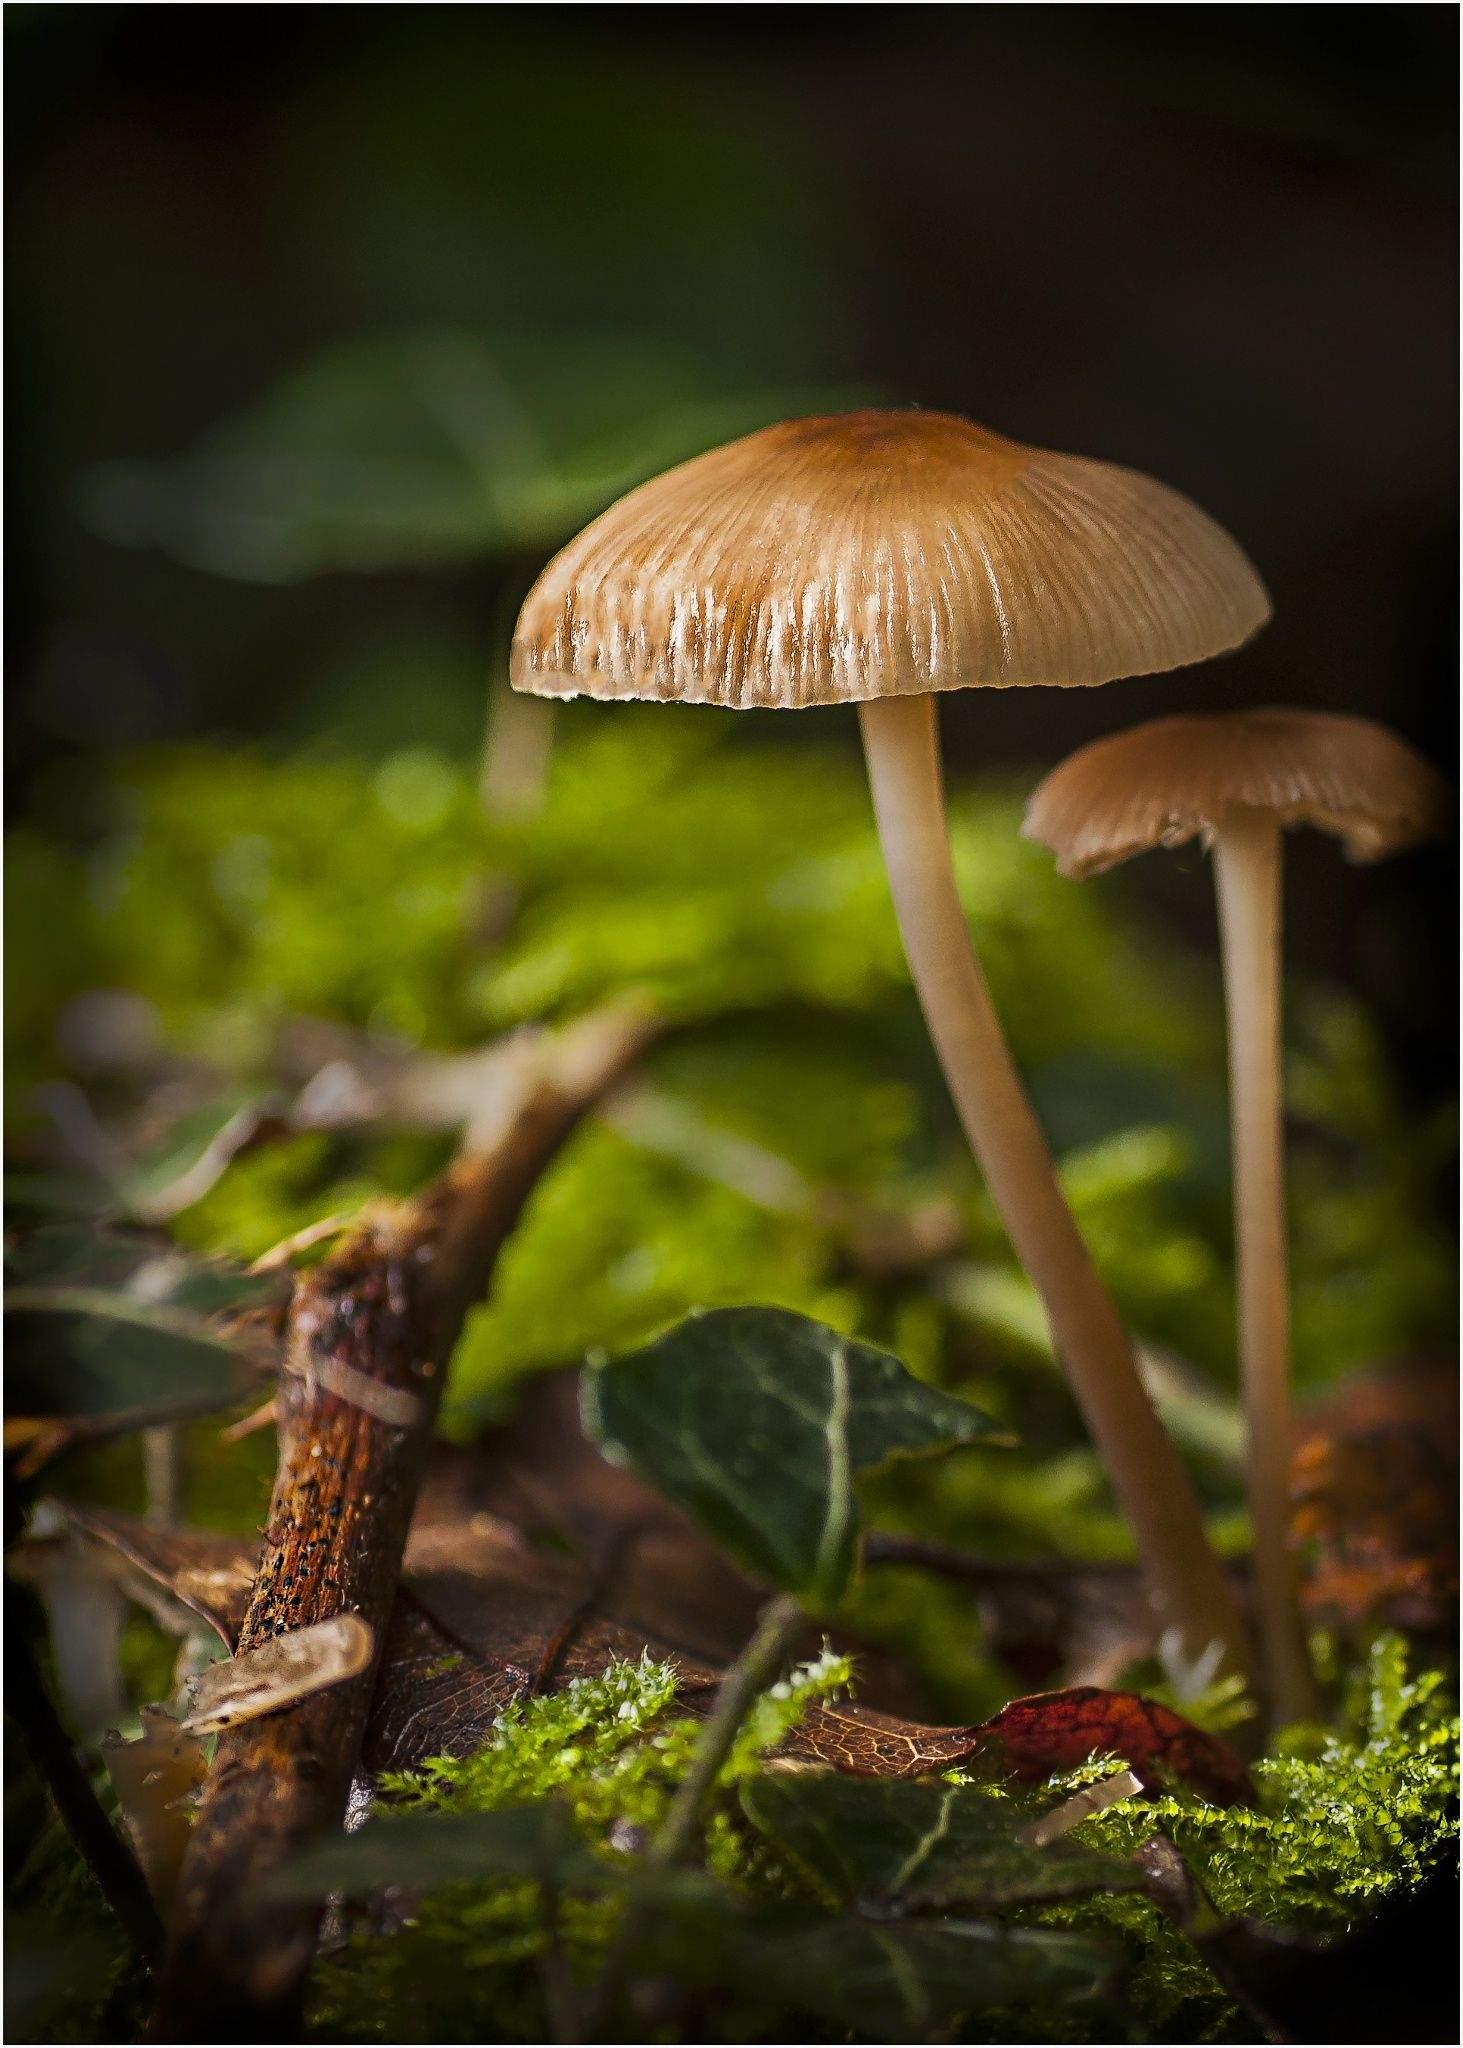 Pilze Im Garten Bilder Inspirierend ภเгคк ค๓๏